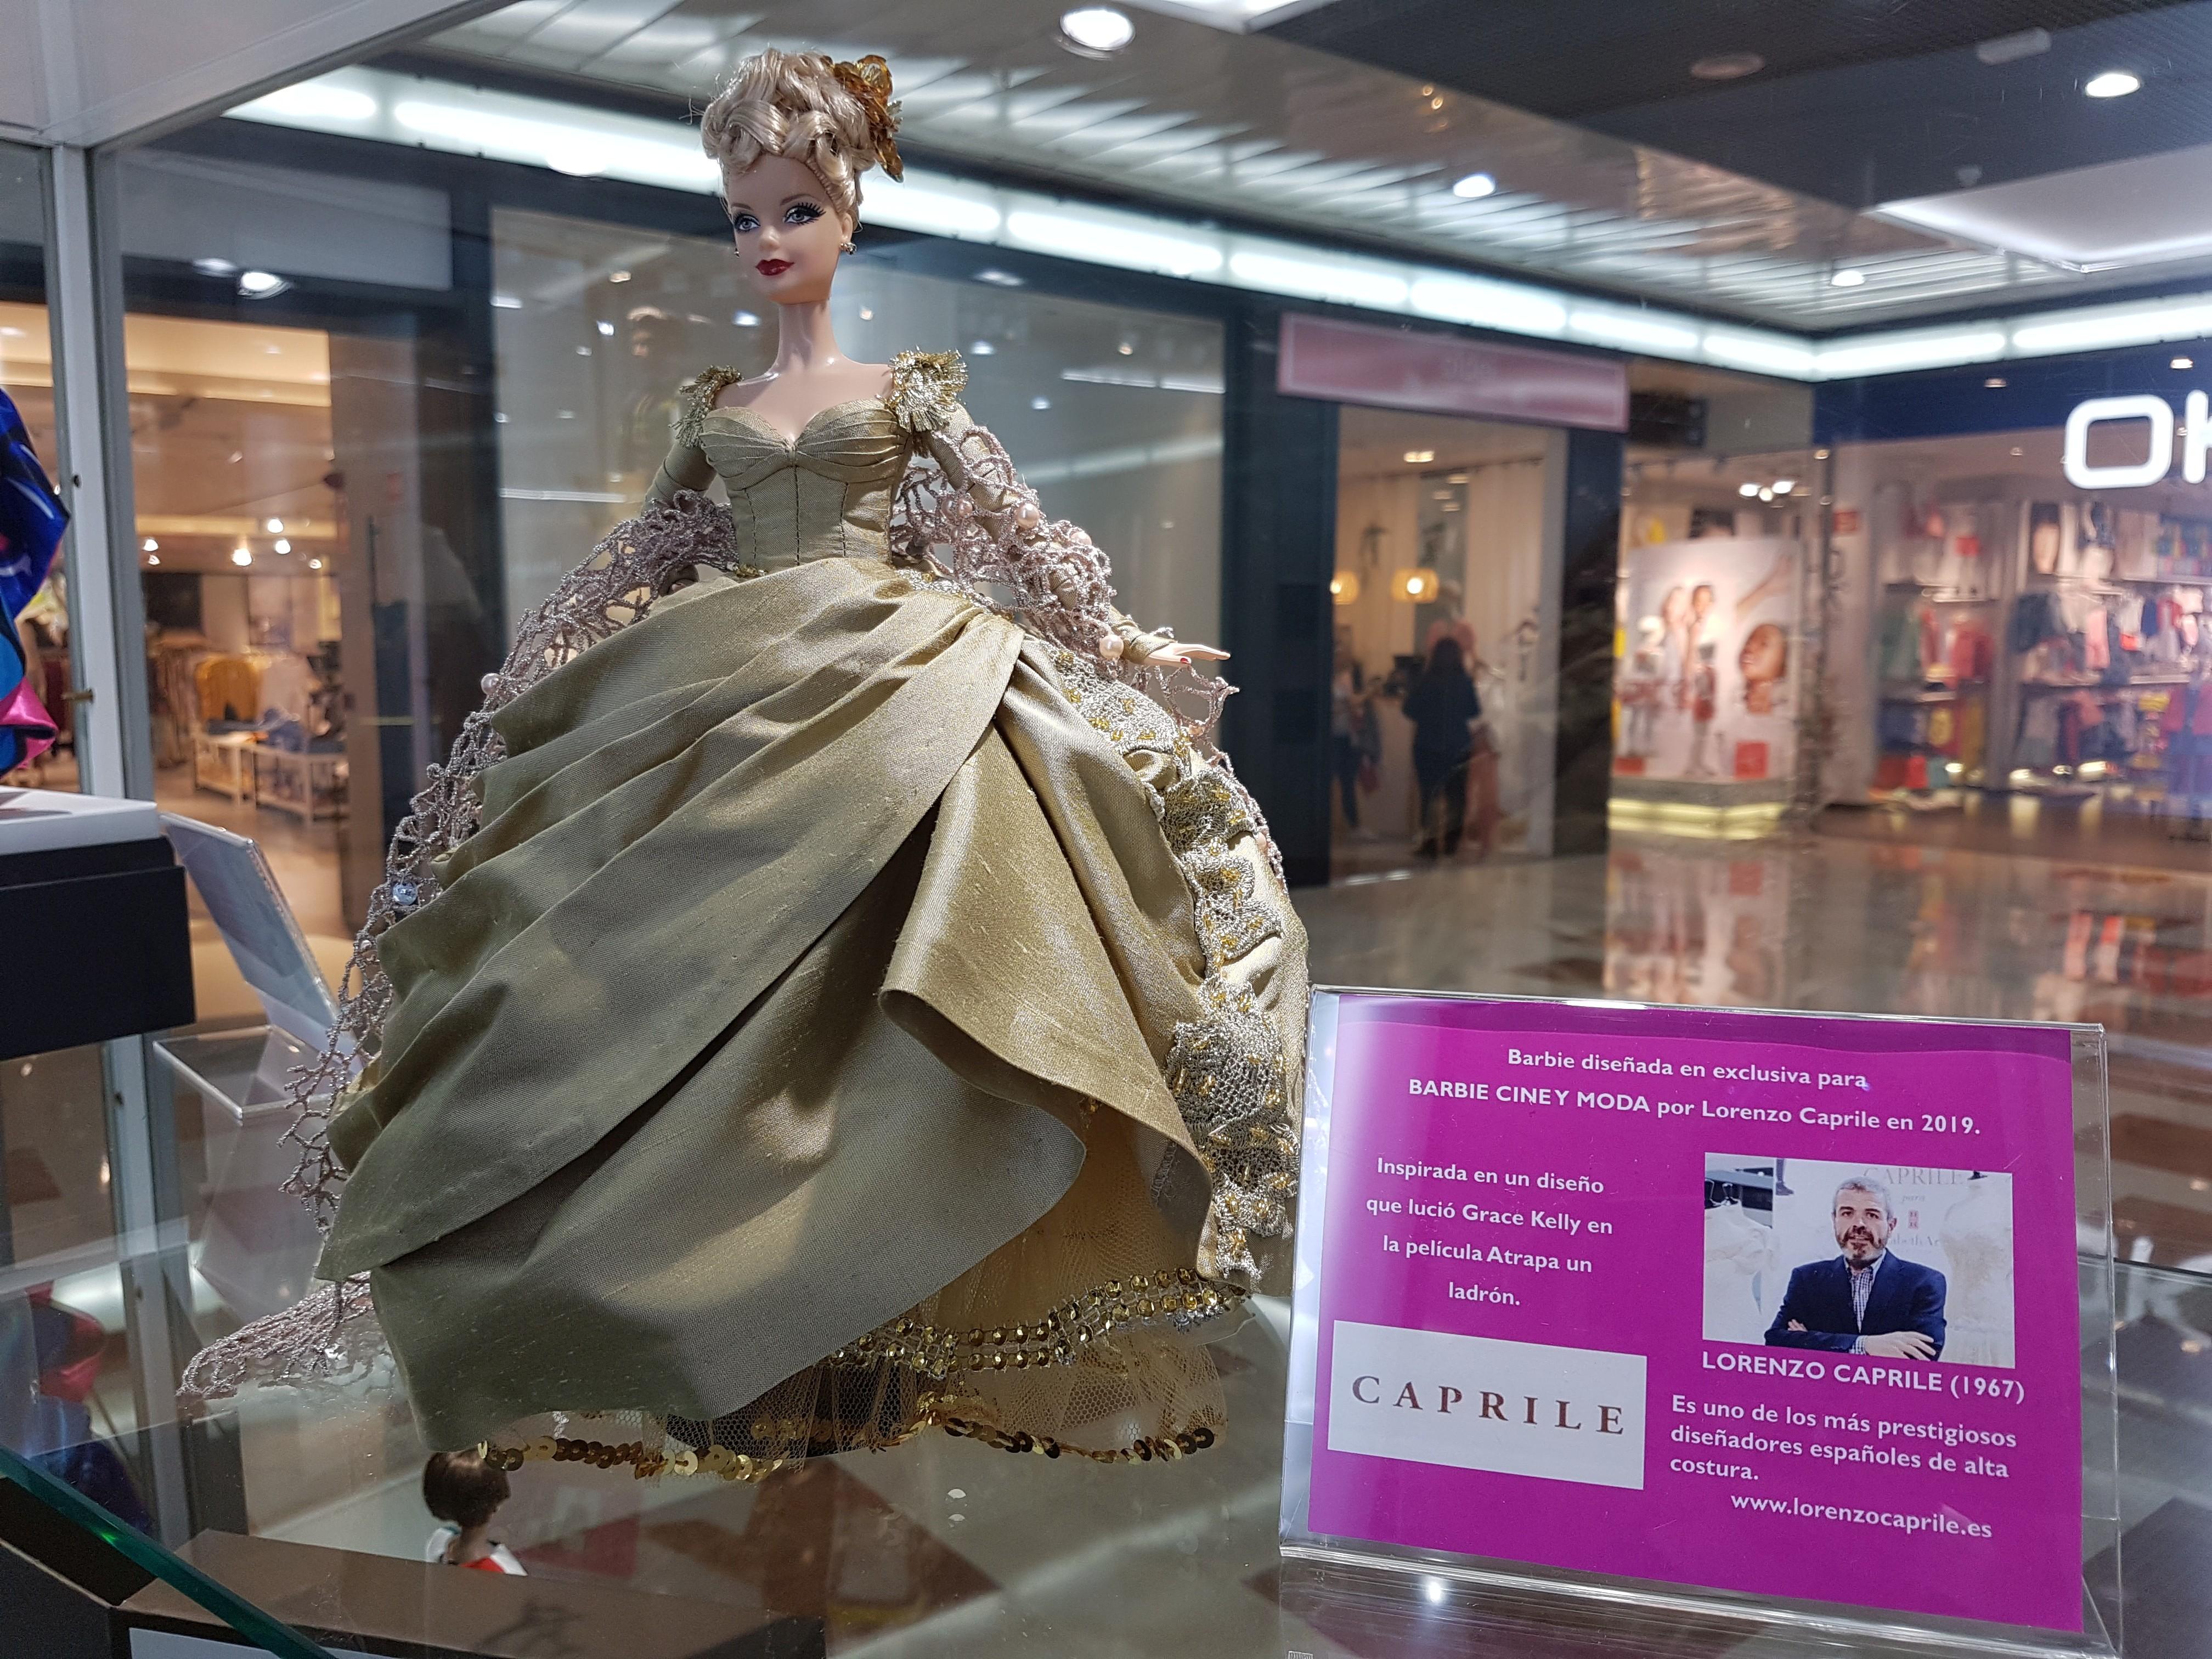 La muñeca Barbie Caprile en la exposición